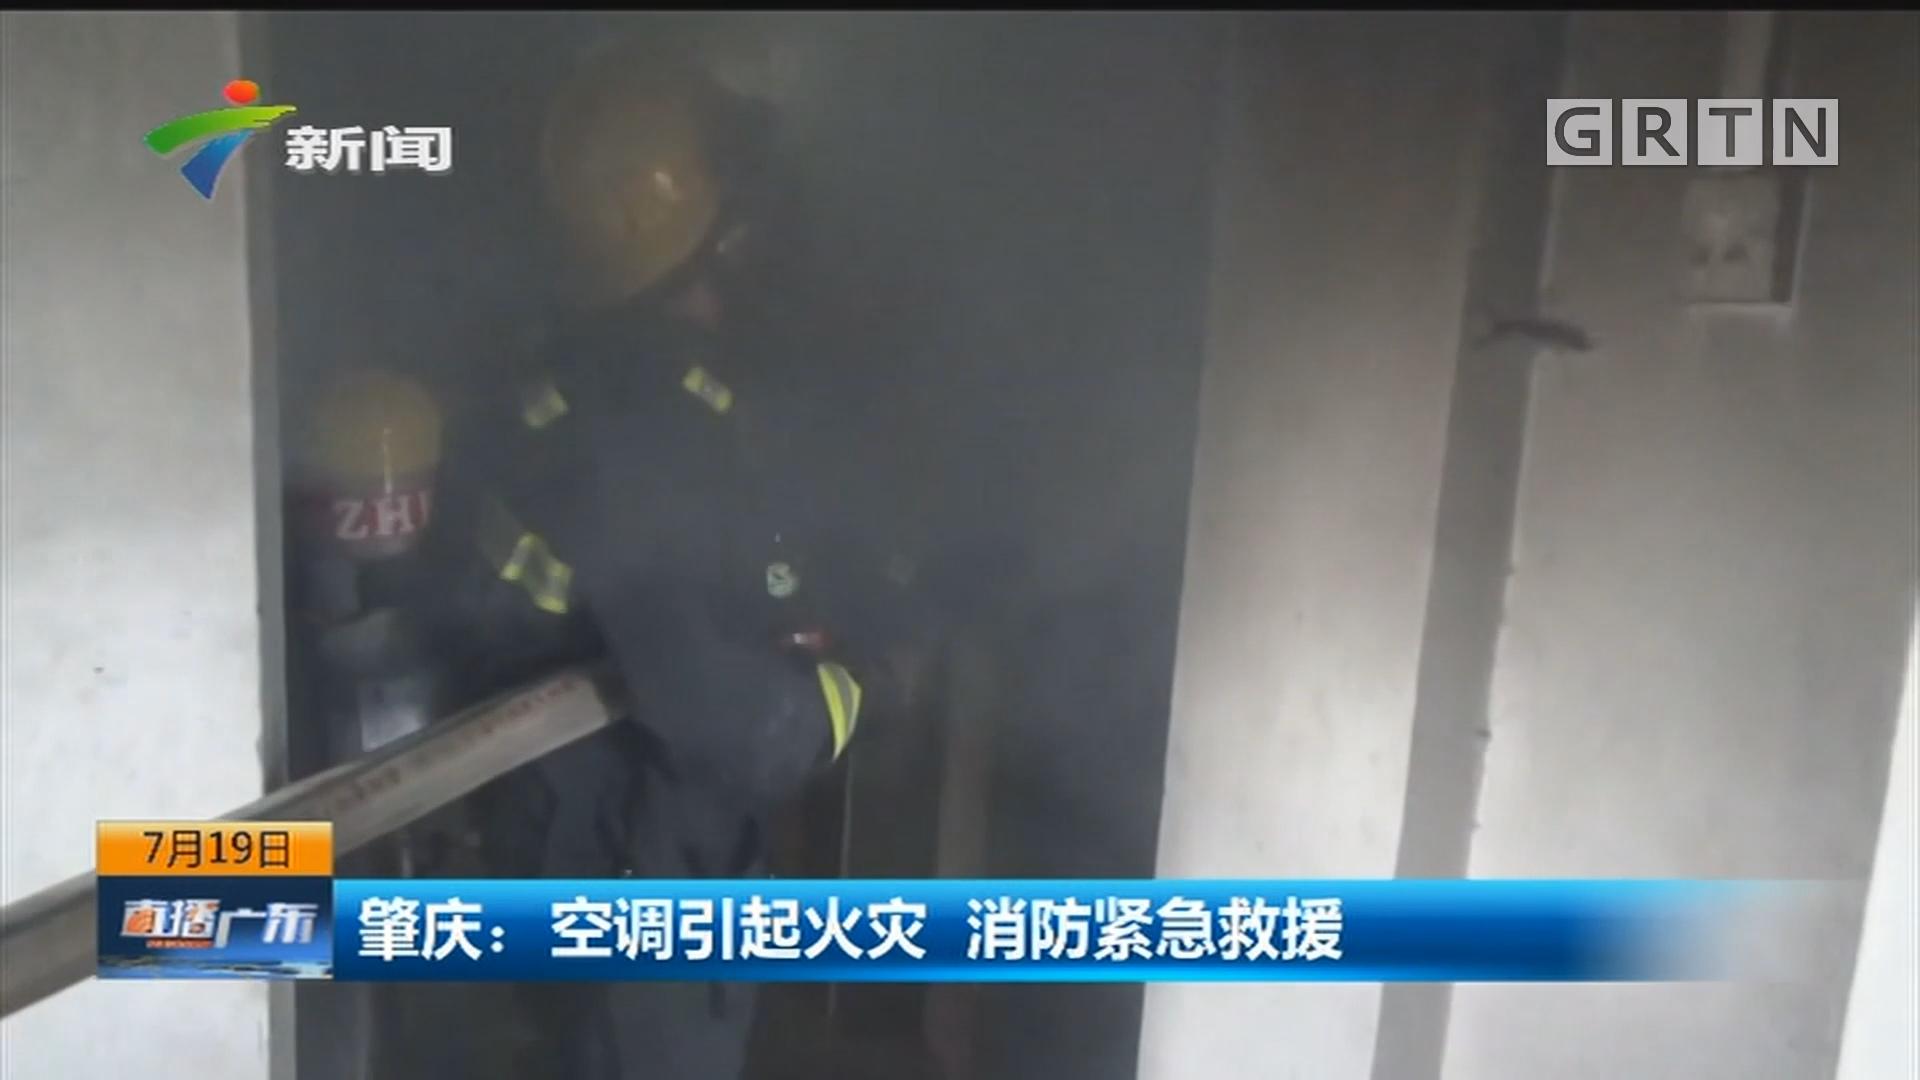 肇庆:空调引起火灾 消防紧急救援